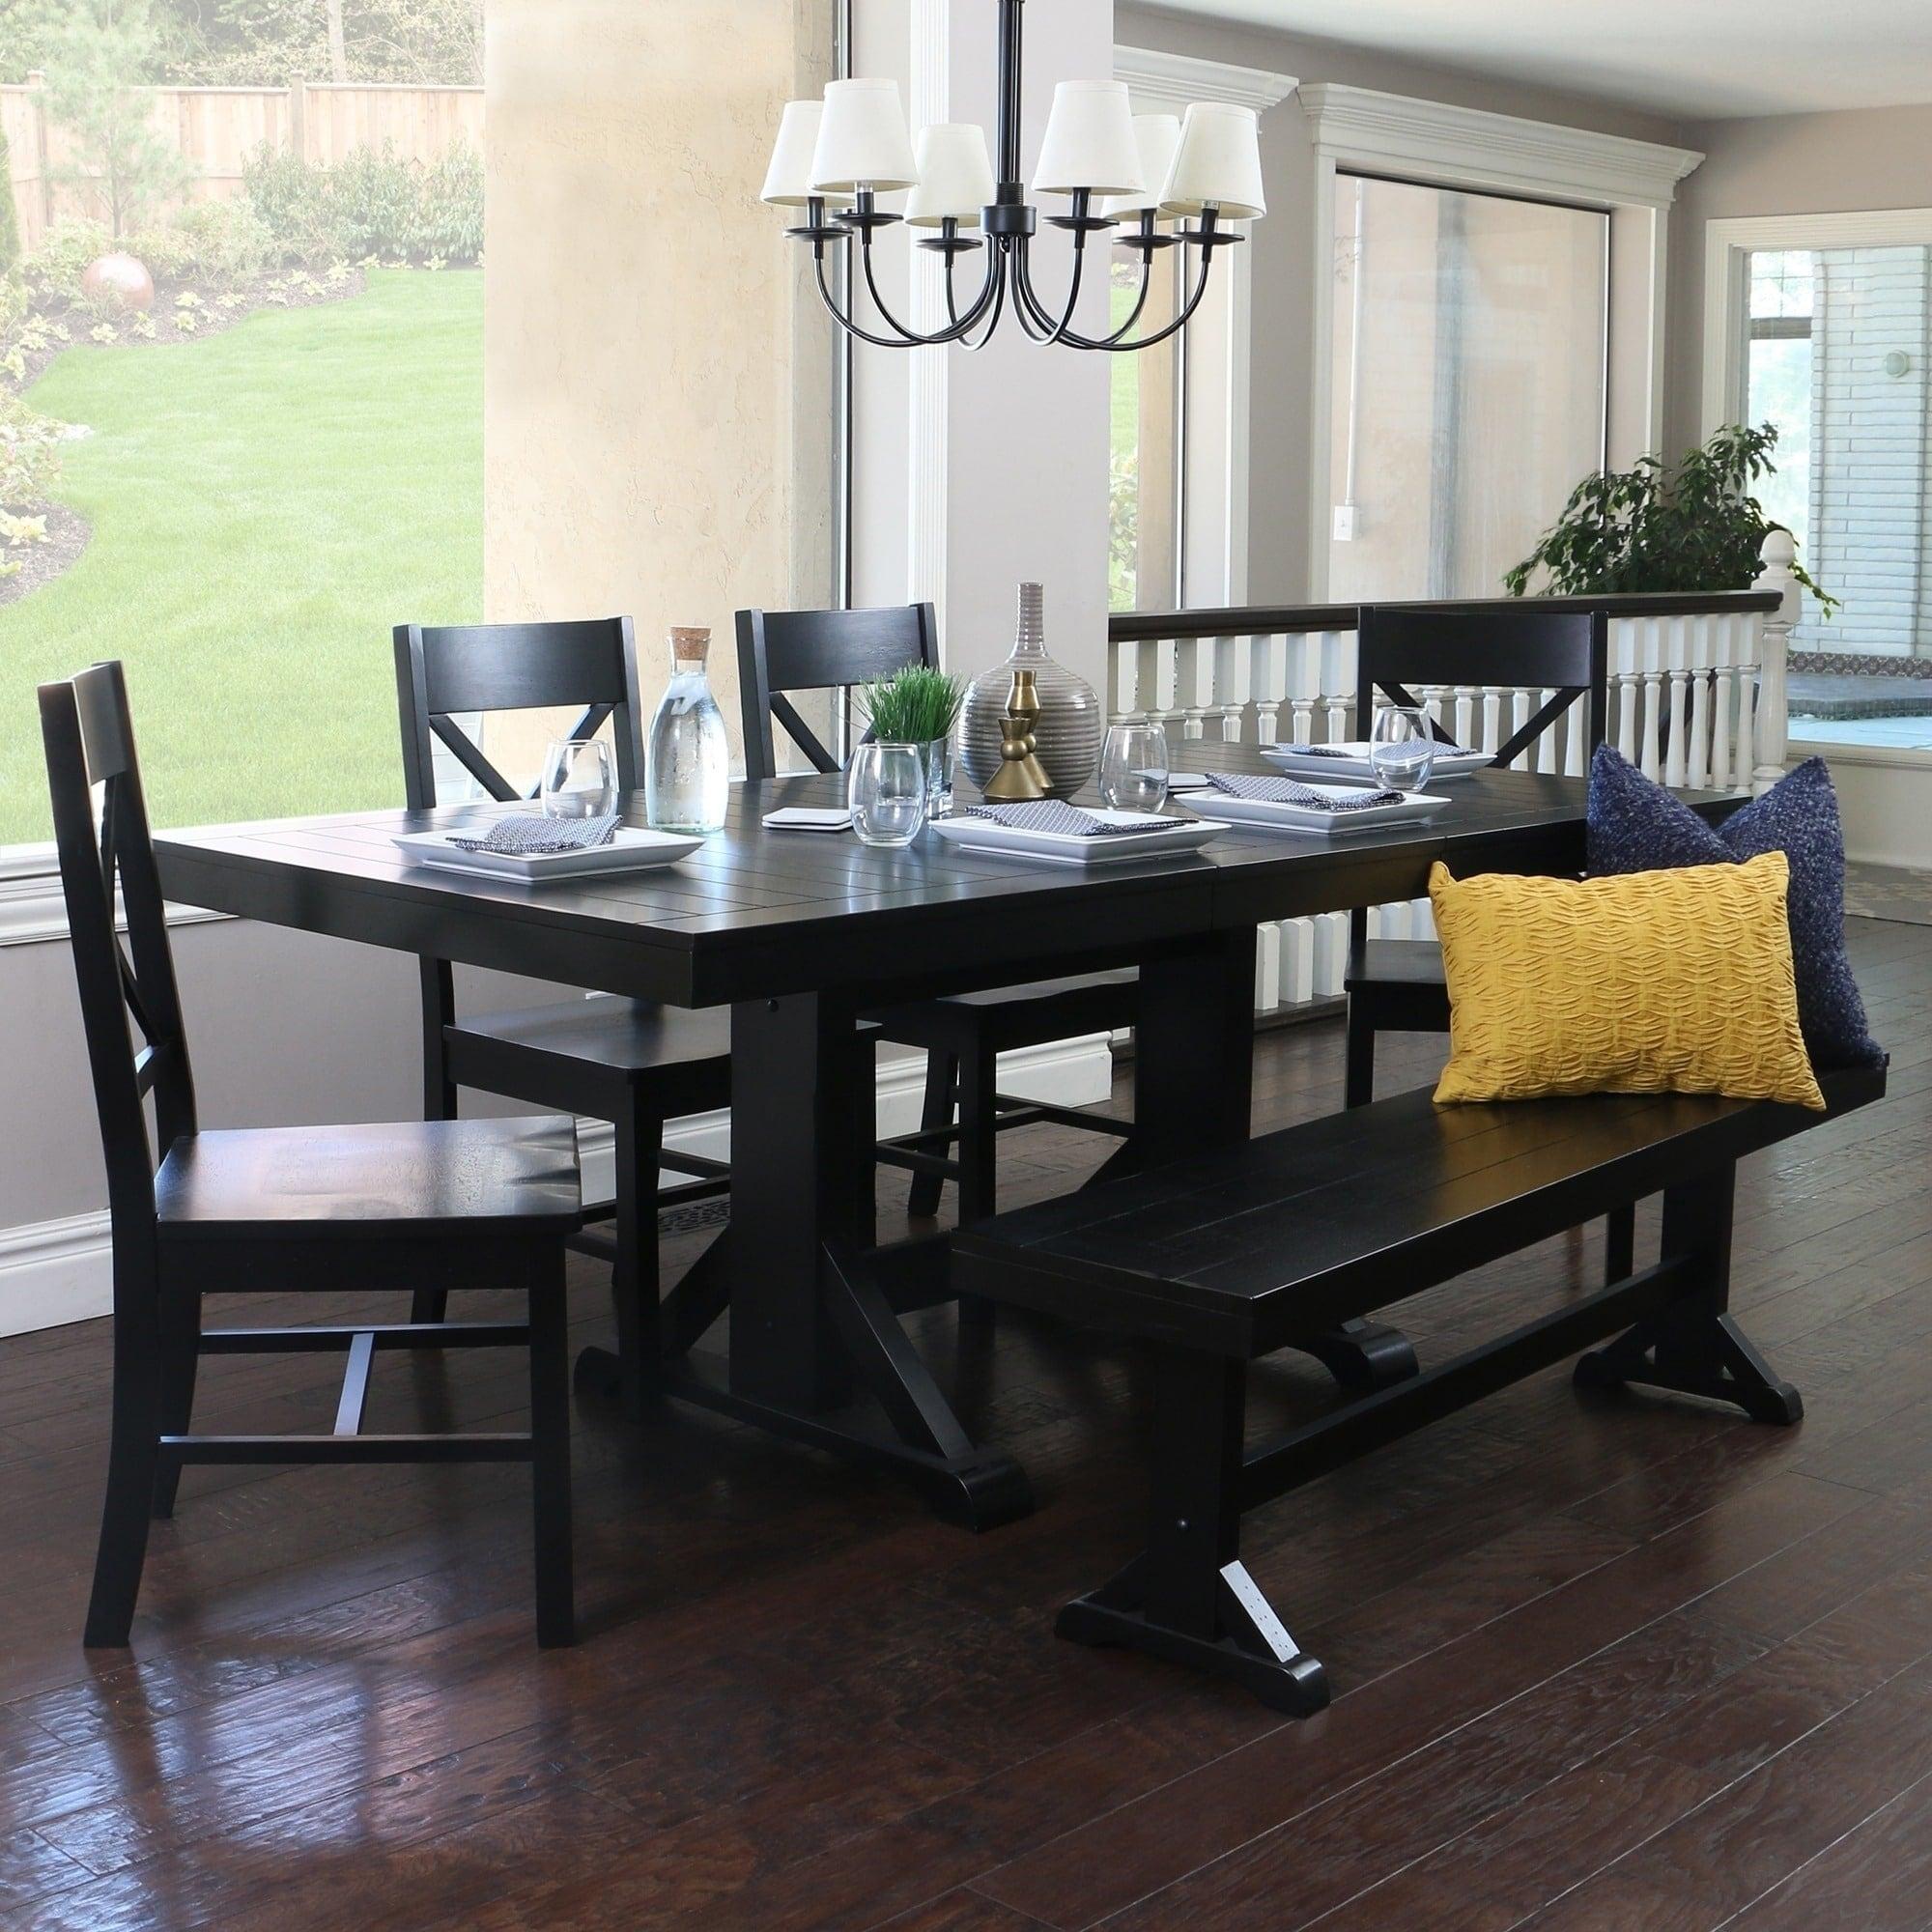 6-Piece Farmhouse Dining Set - Antique Black